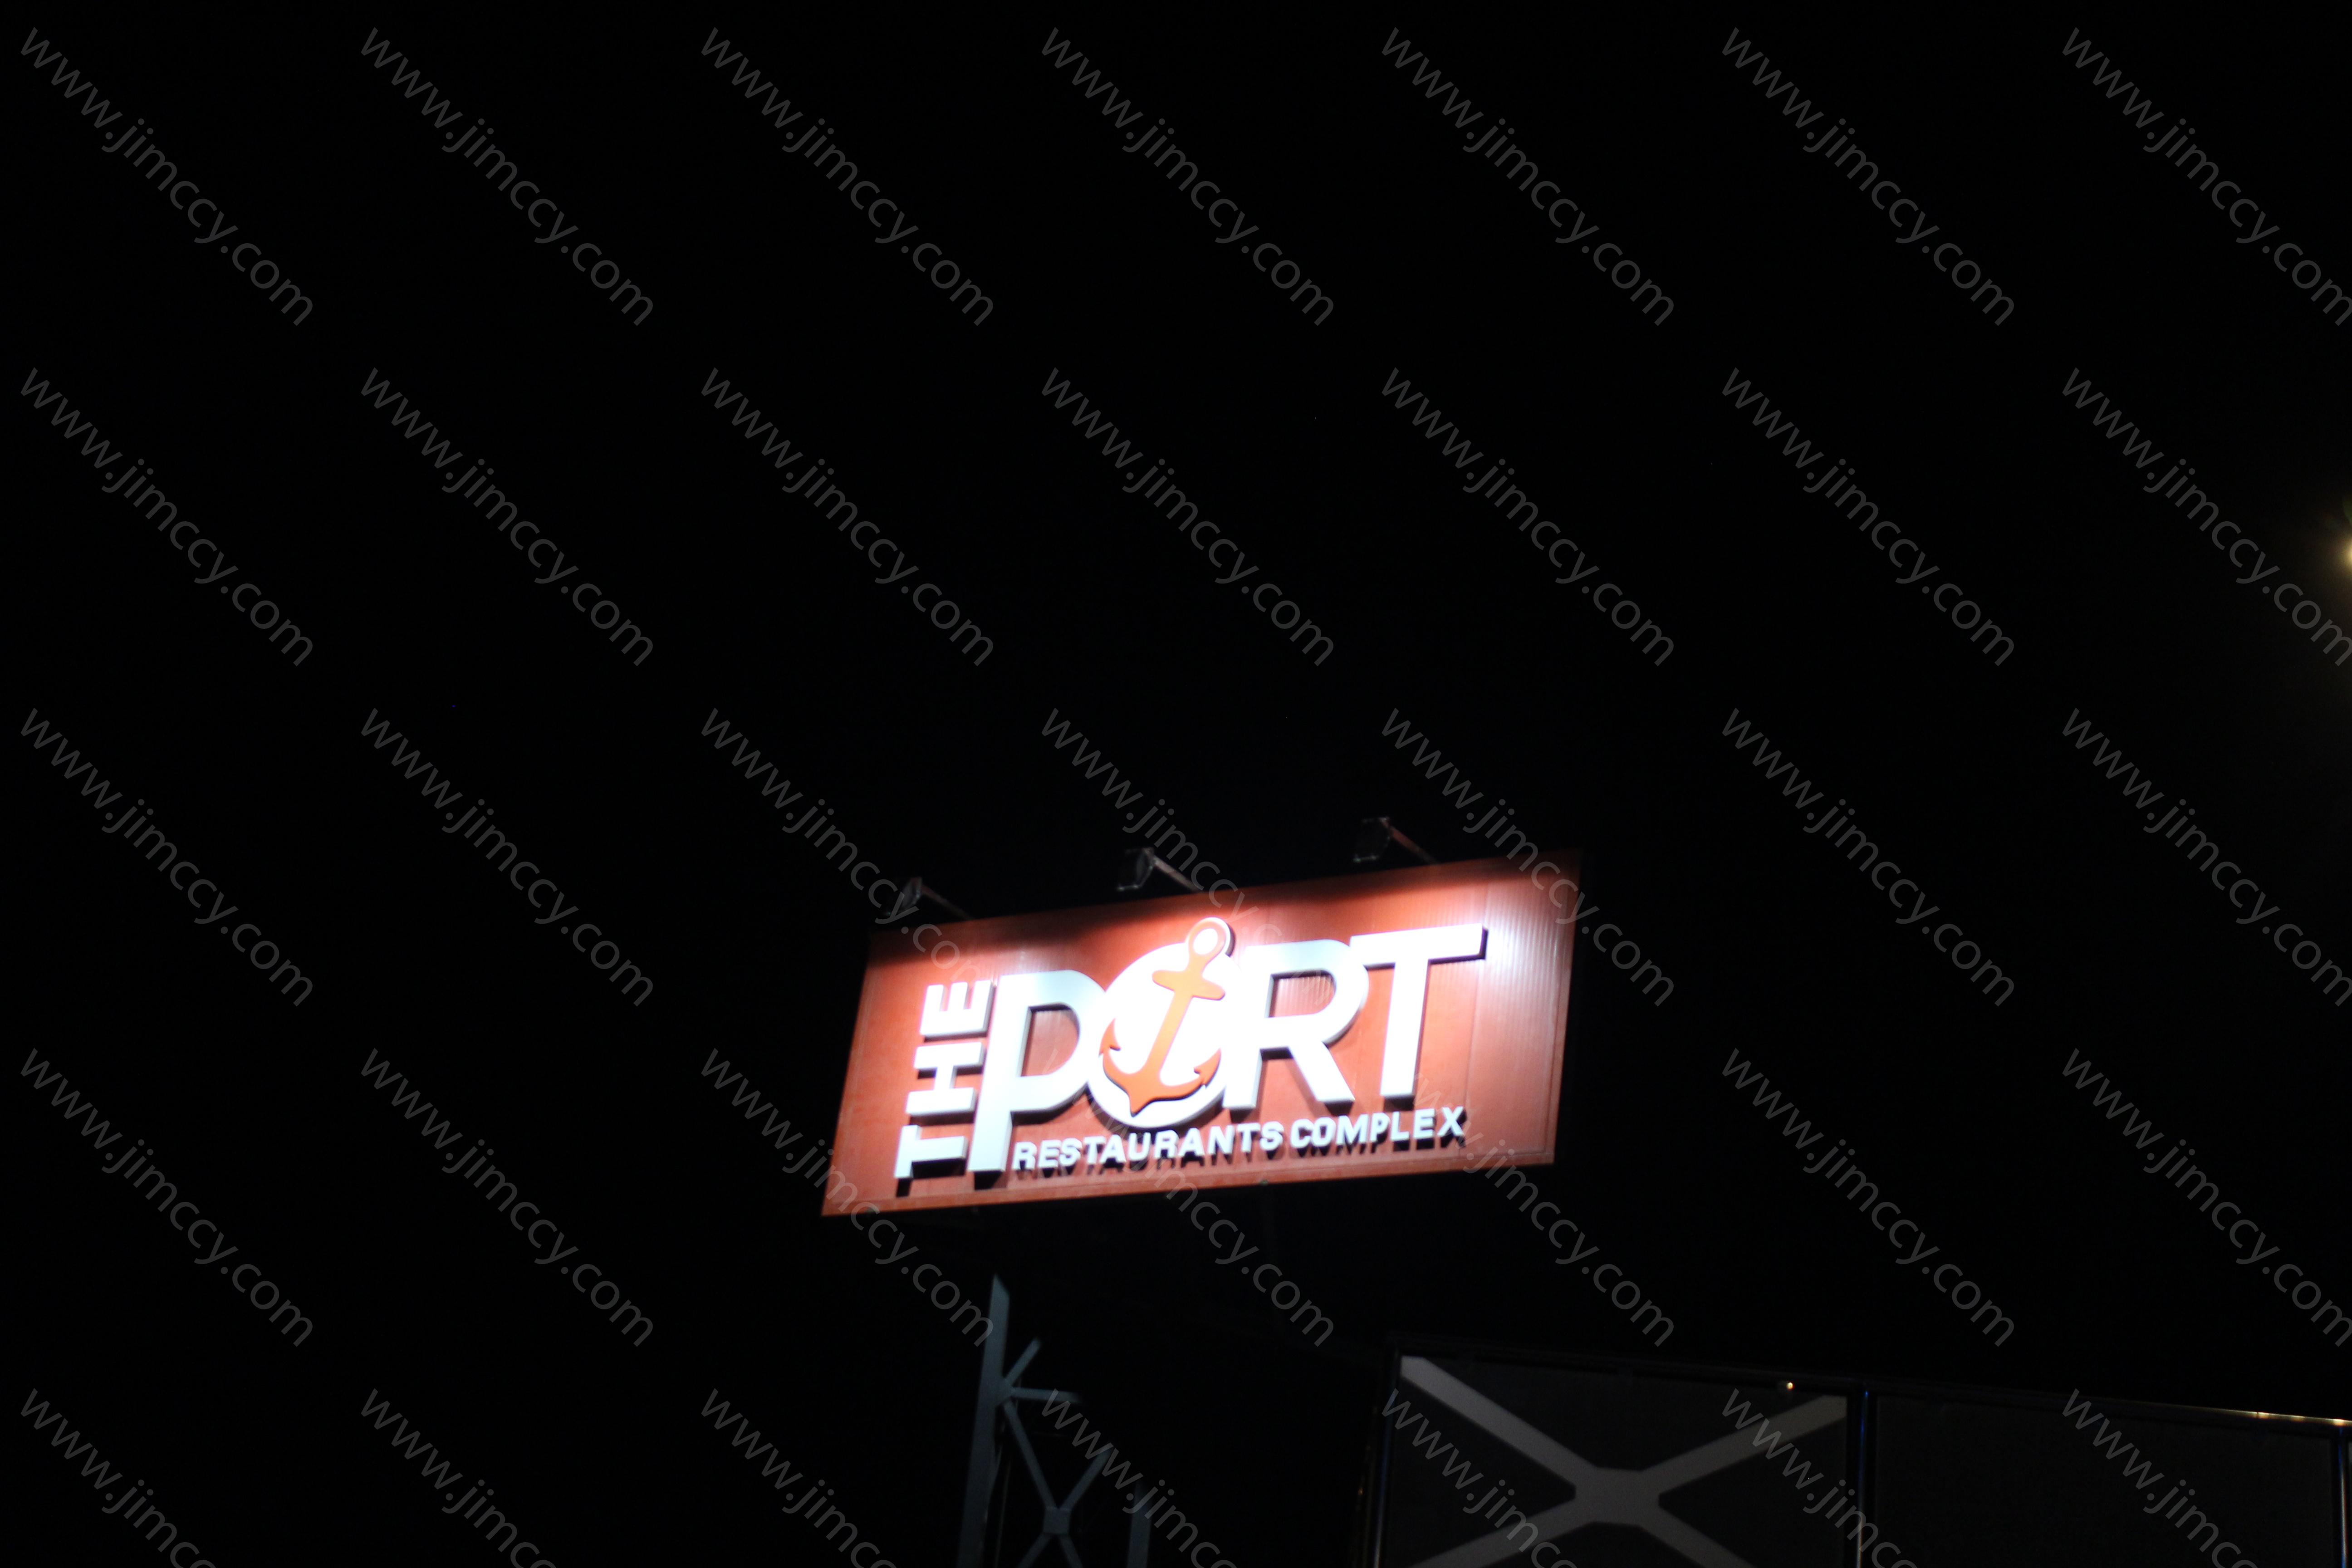 الصور الأولية لمجمع المطاعم الجديد The Port في منطقة الفنيطيس